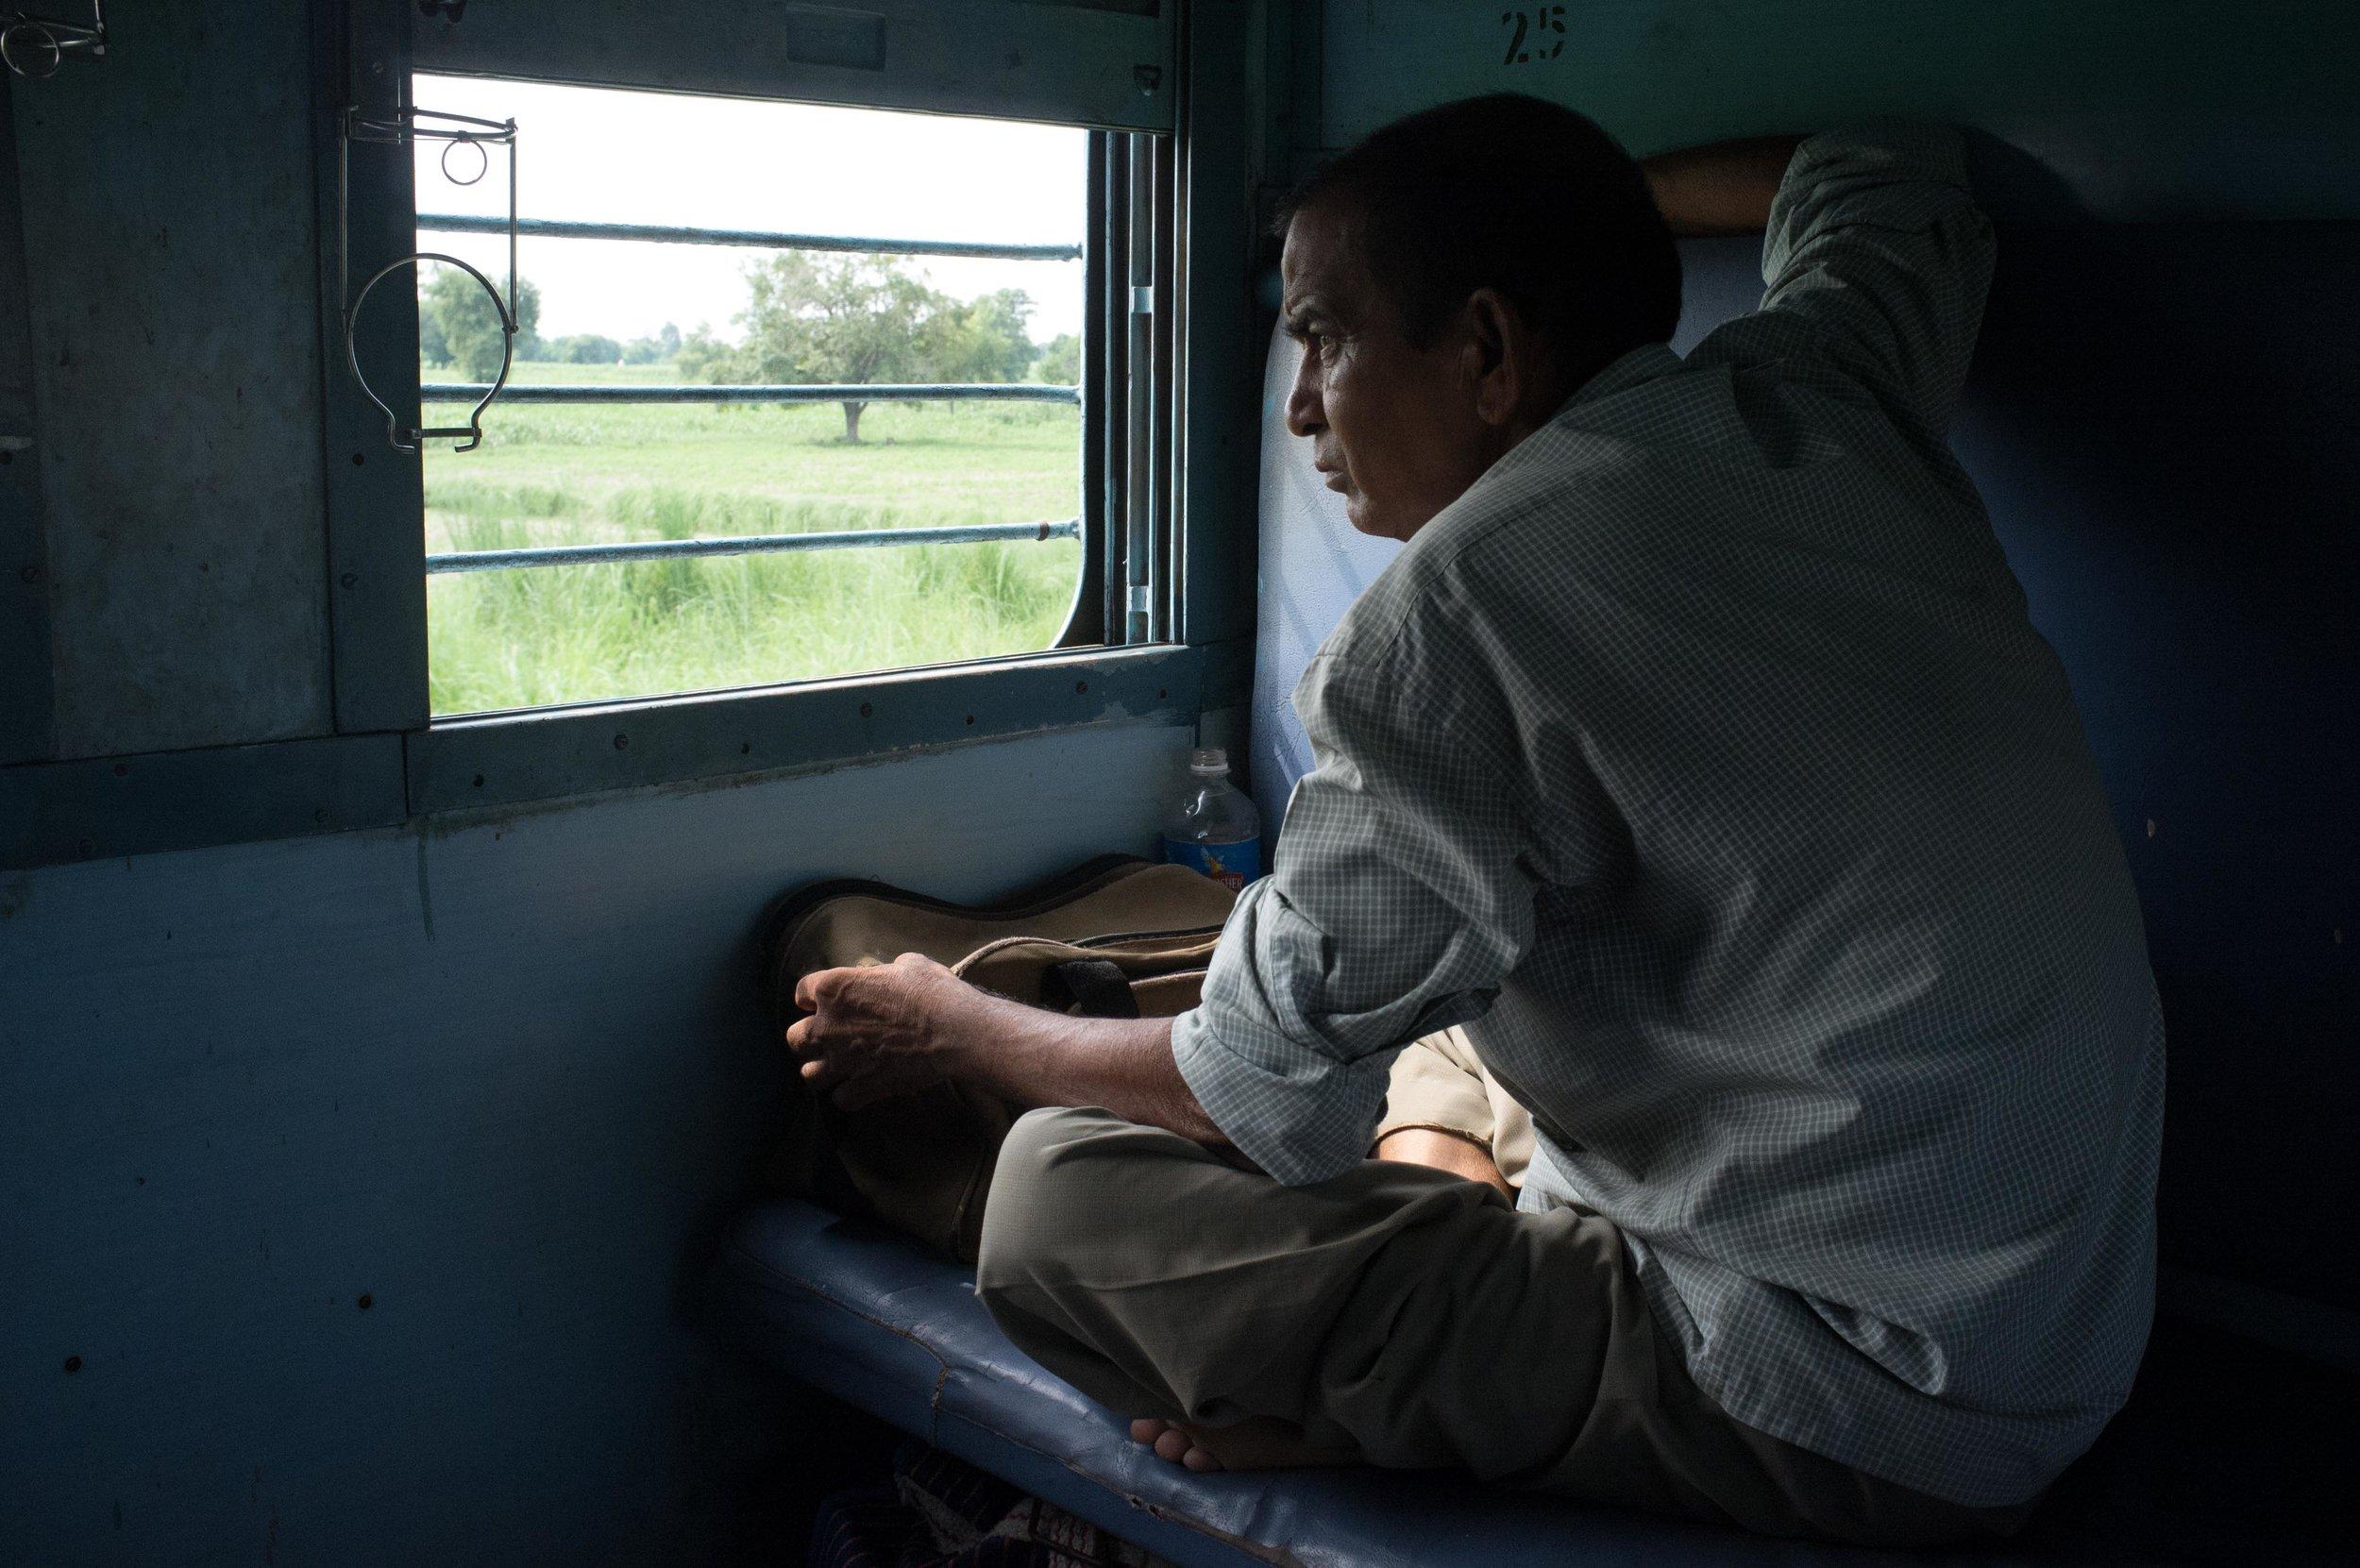 India, 2015